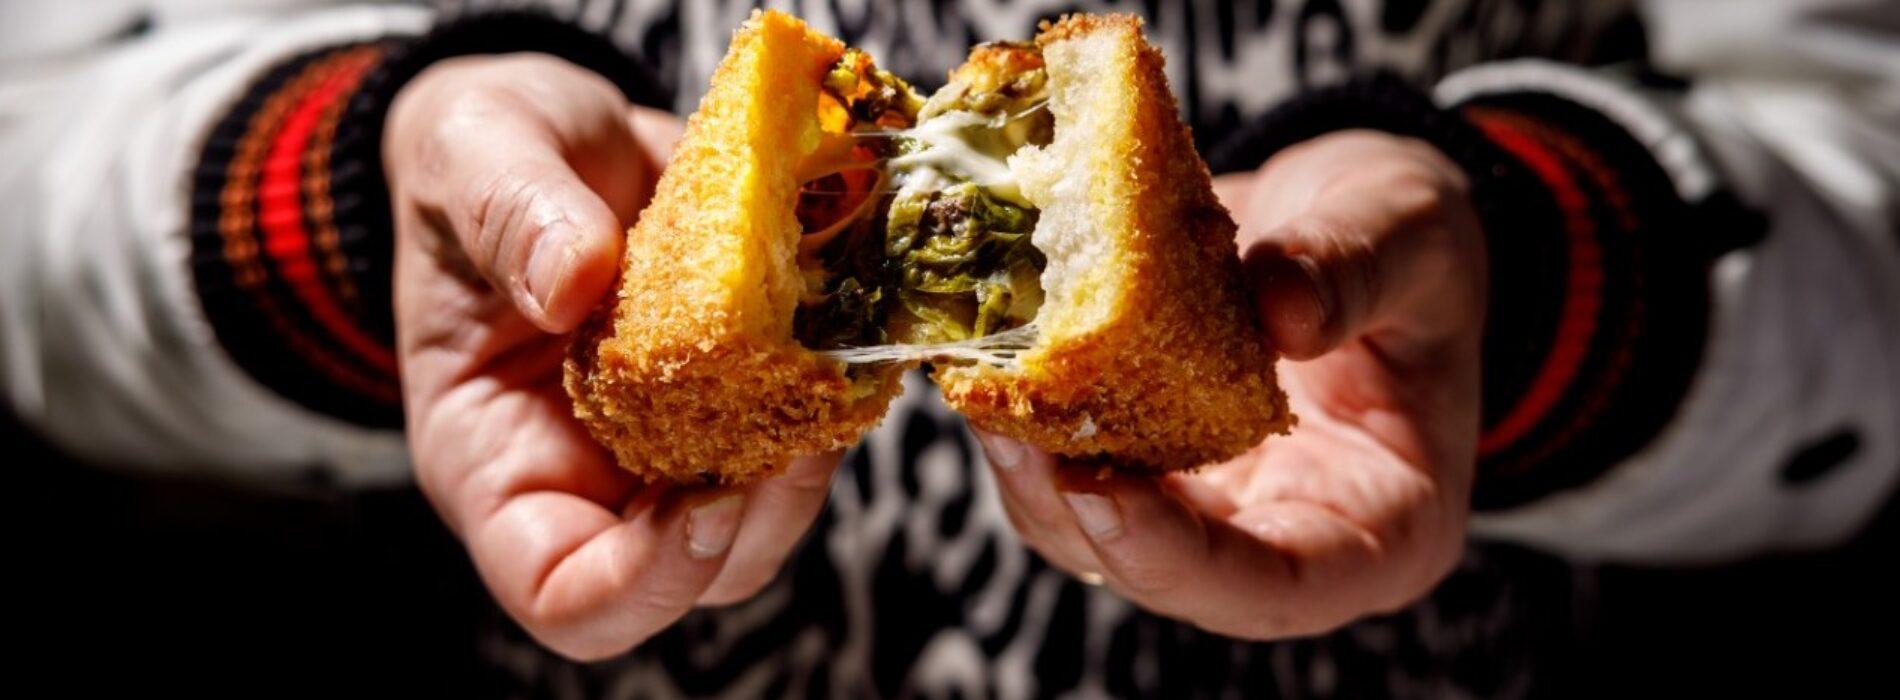 Non solo supplì tradizionali: ecco i 10 fritti più golosi e crunchy da provare a Roma